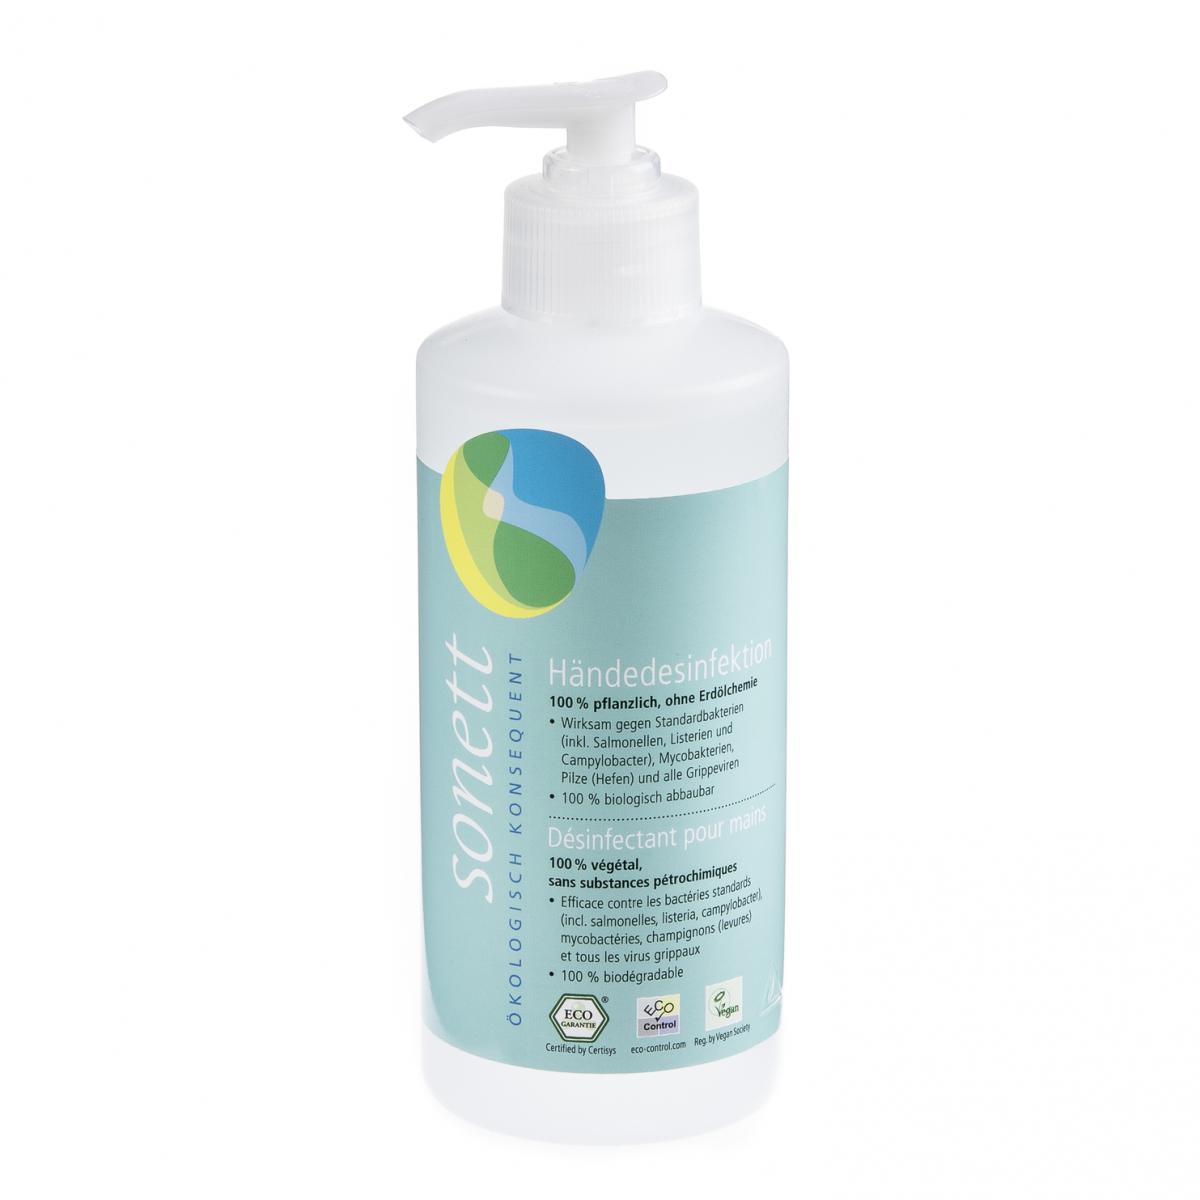 Händedesinfektion, Pumpspender Flasche 300 ml/Plastik Einweg - Sonett